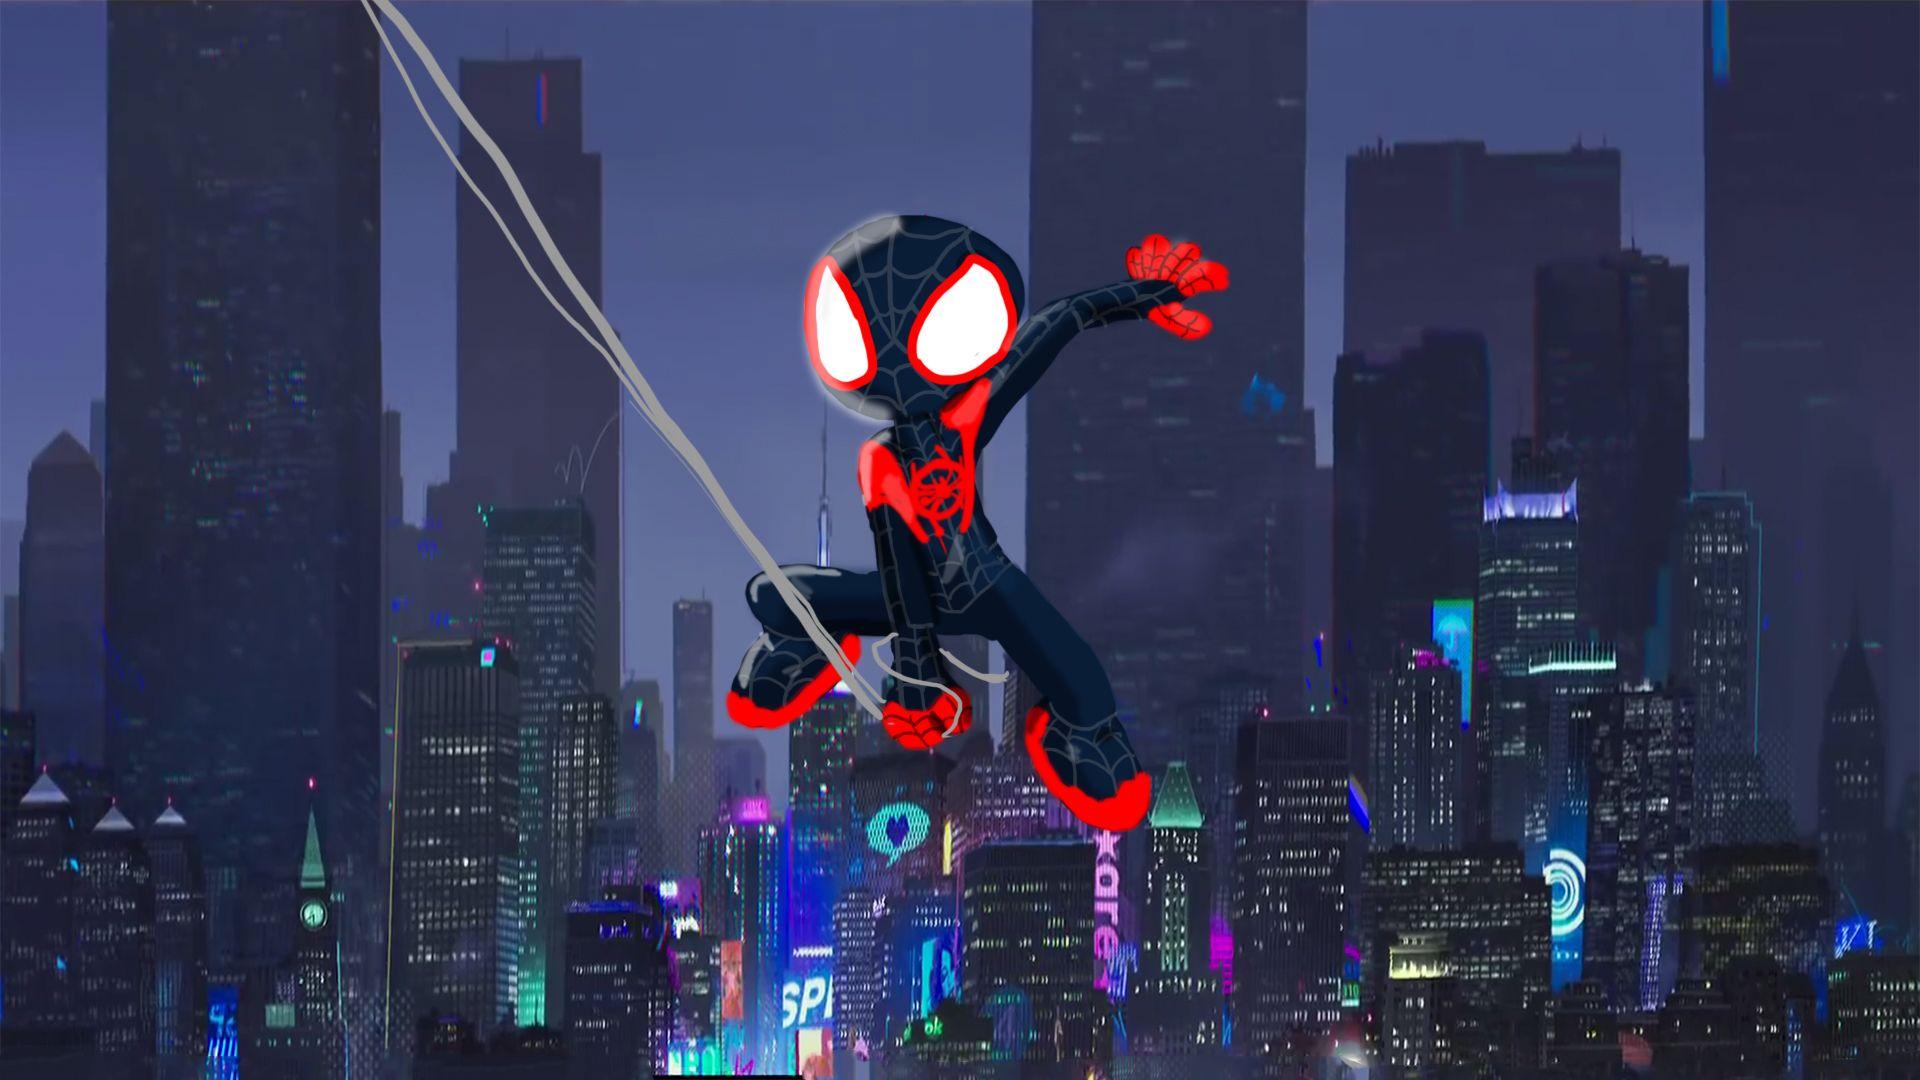 1920x1080 SpiderMan Into The Spider Verse Movie Artwork